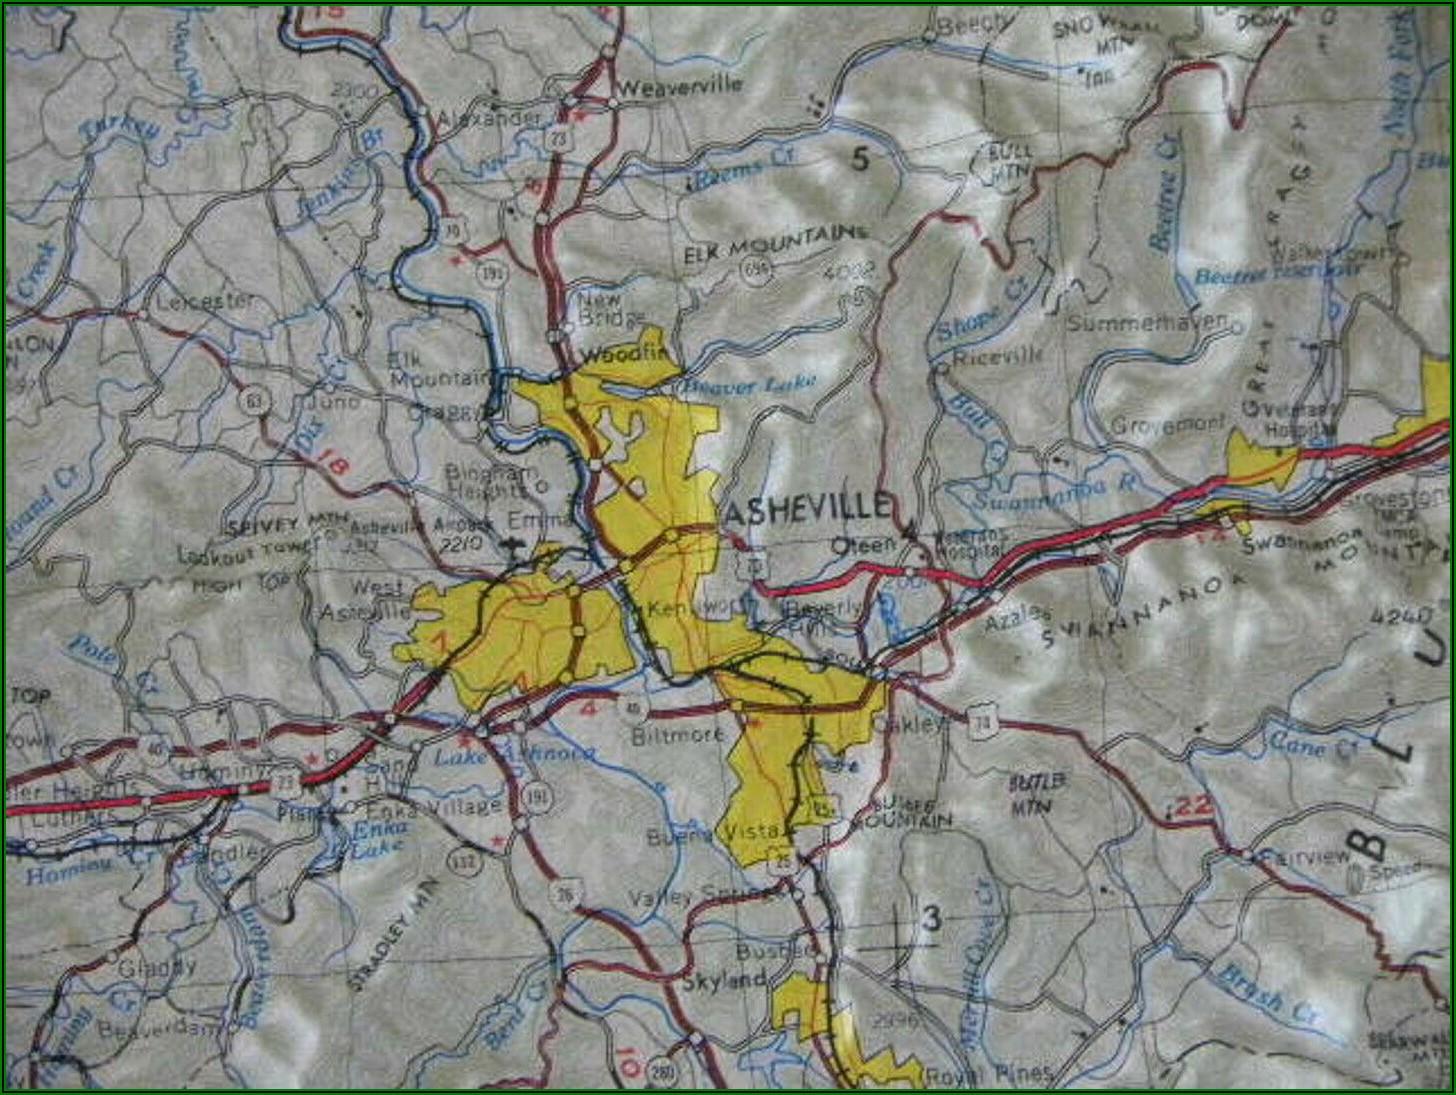 3d Relief Map Online